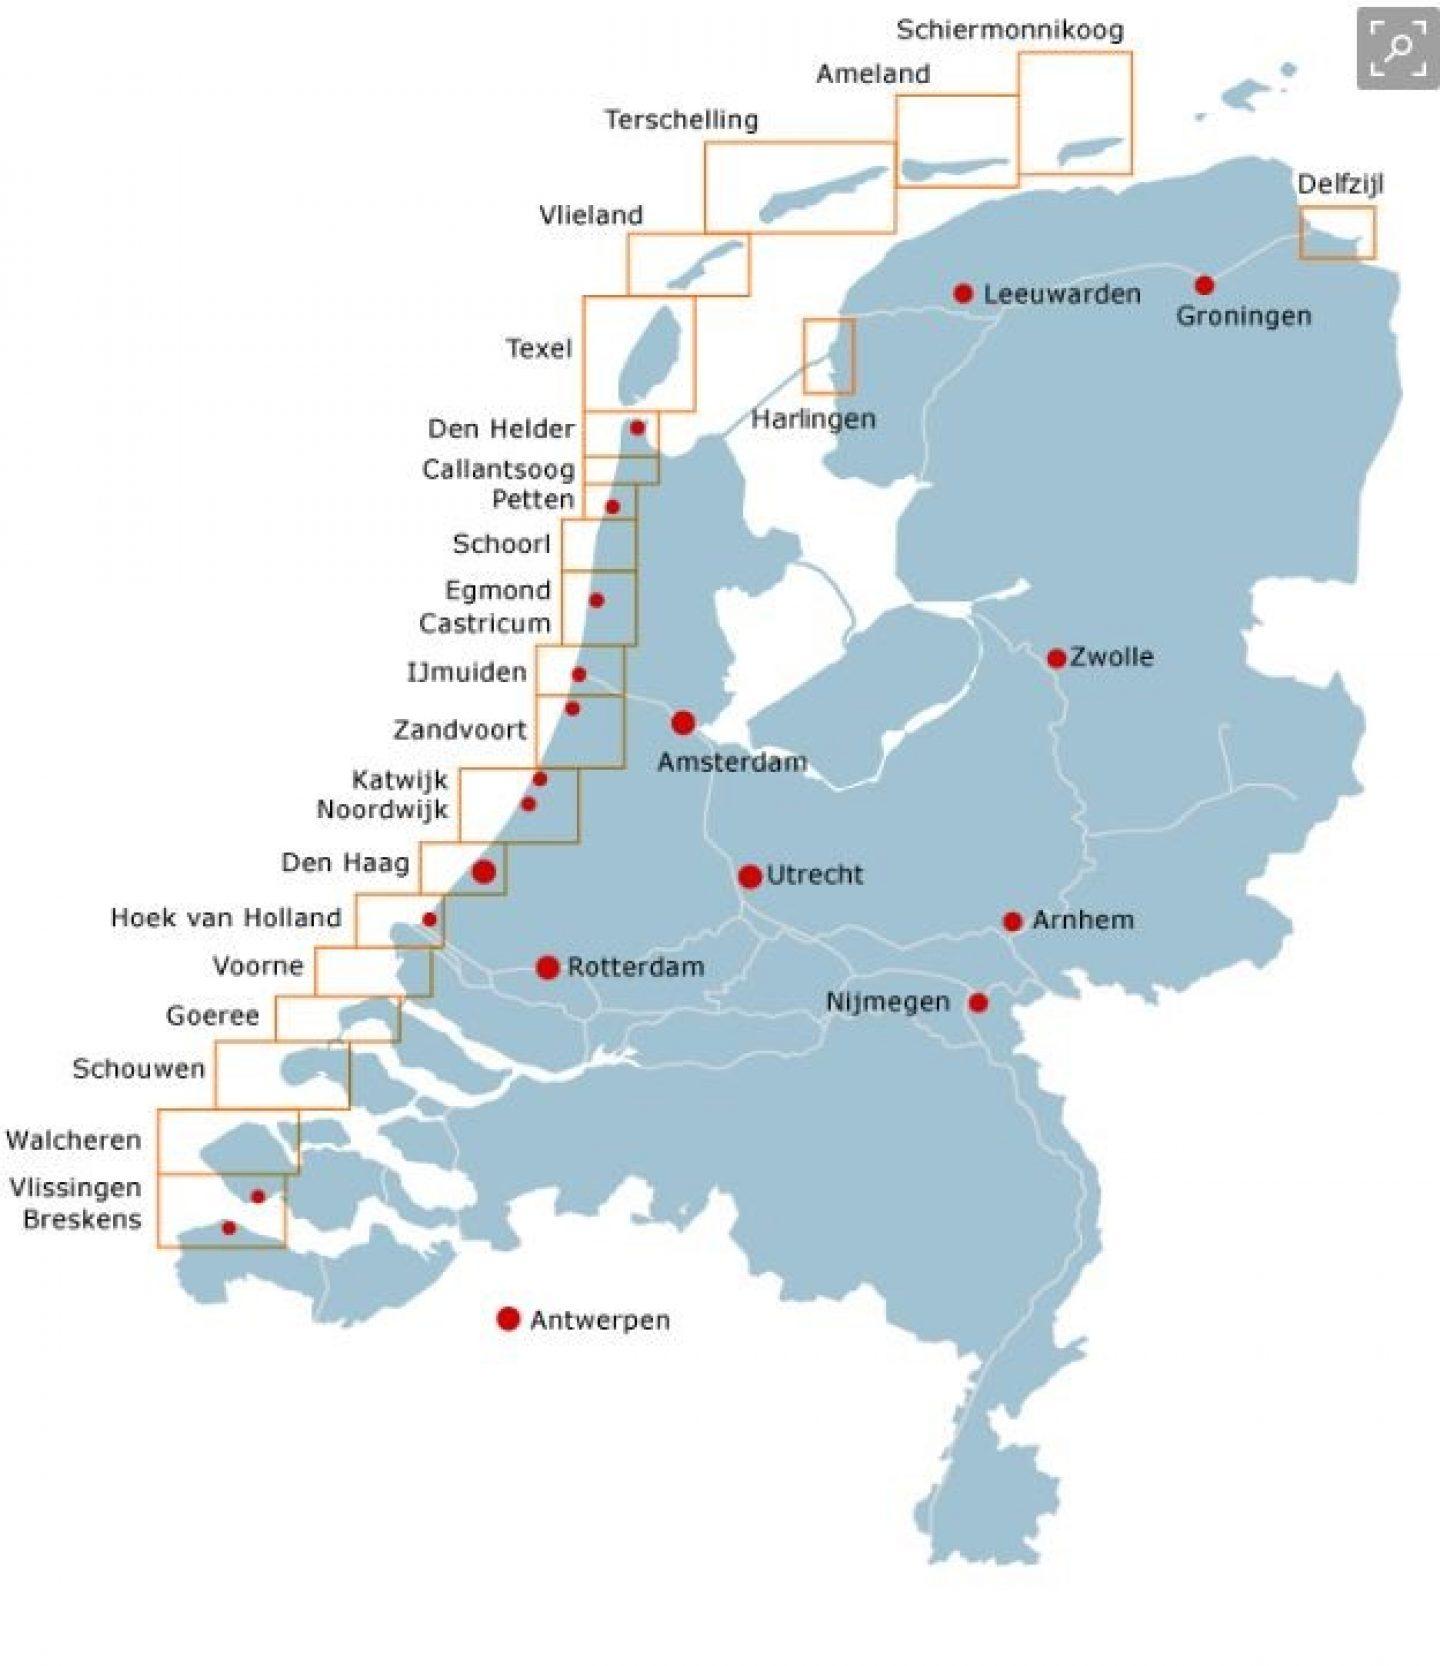 Langs de hele kust voeren toezichthouders controles uit.